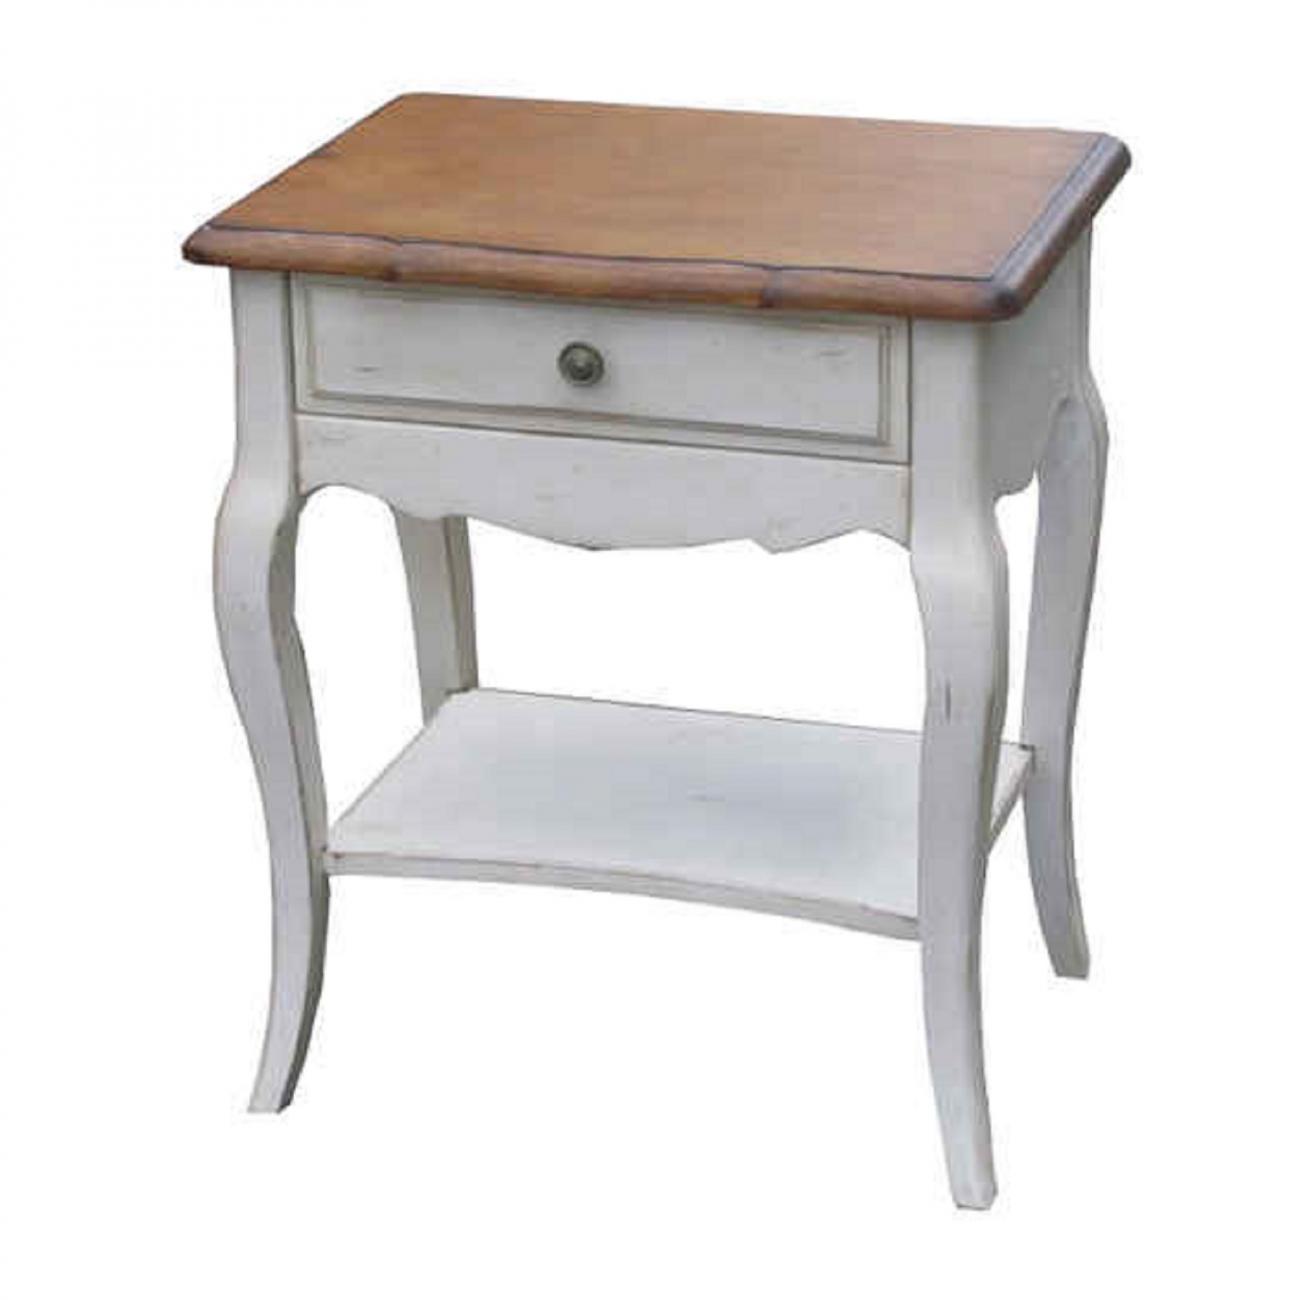 Купить Прикроватная тумба Mobilier de Maison Коричневая в интернет магазине дизайнерской мебели и аксессуаров для дома и дачи